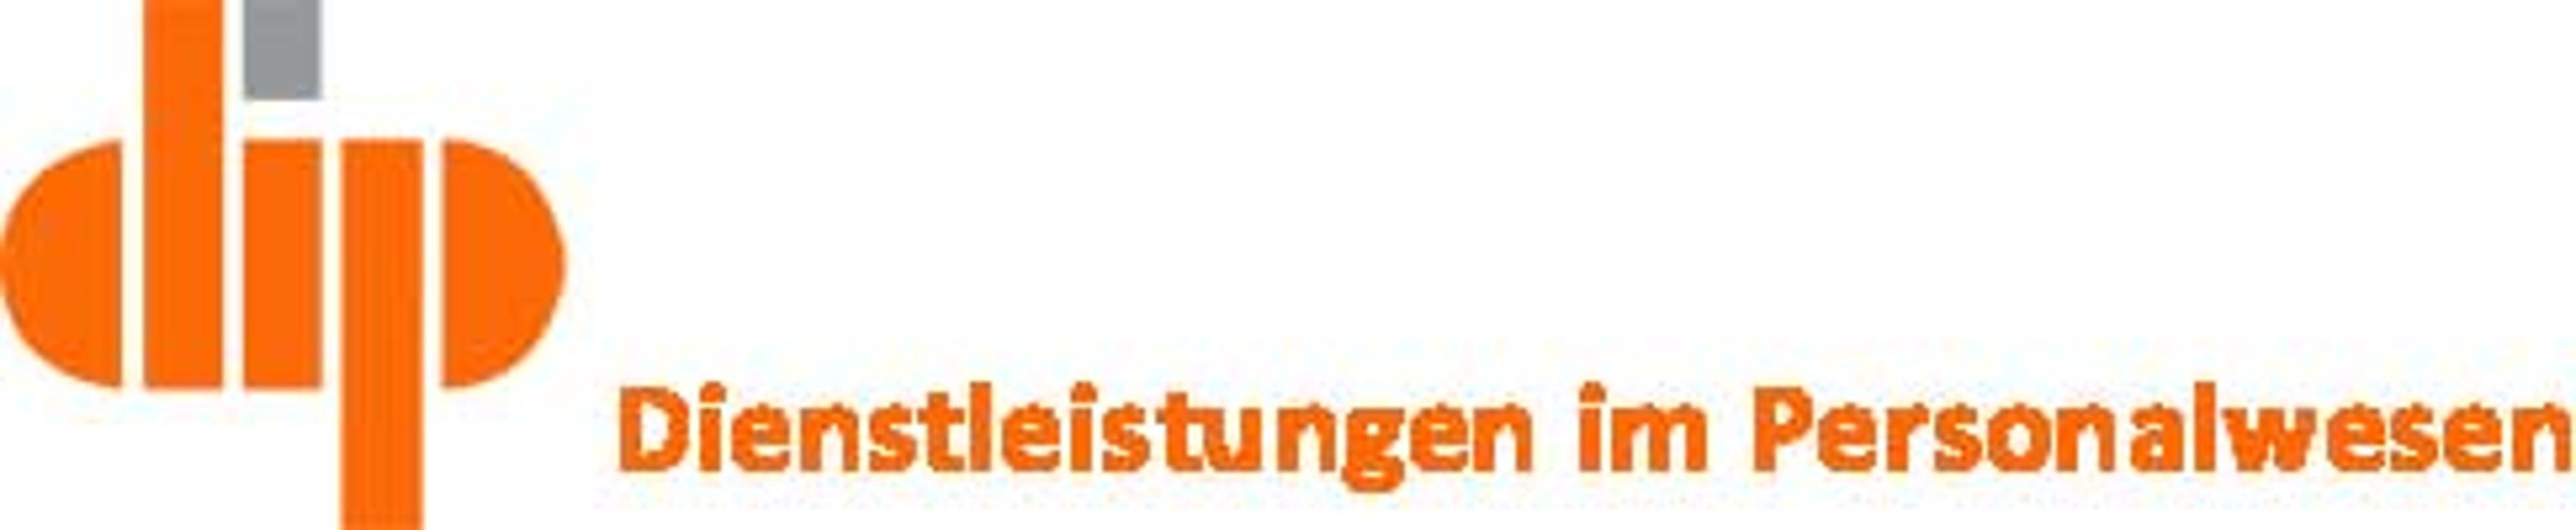 Bild zu dip GmbH + Co. KG Dienstleistungen im Personalwesen in Tauberbischofsheim